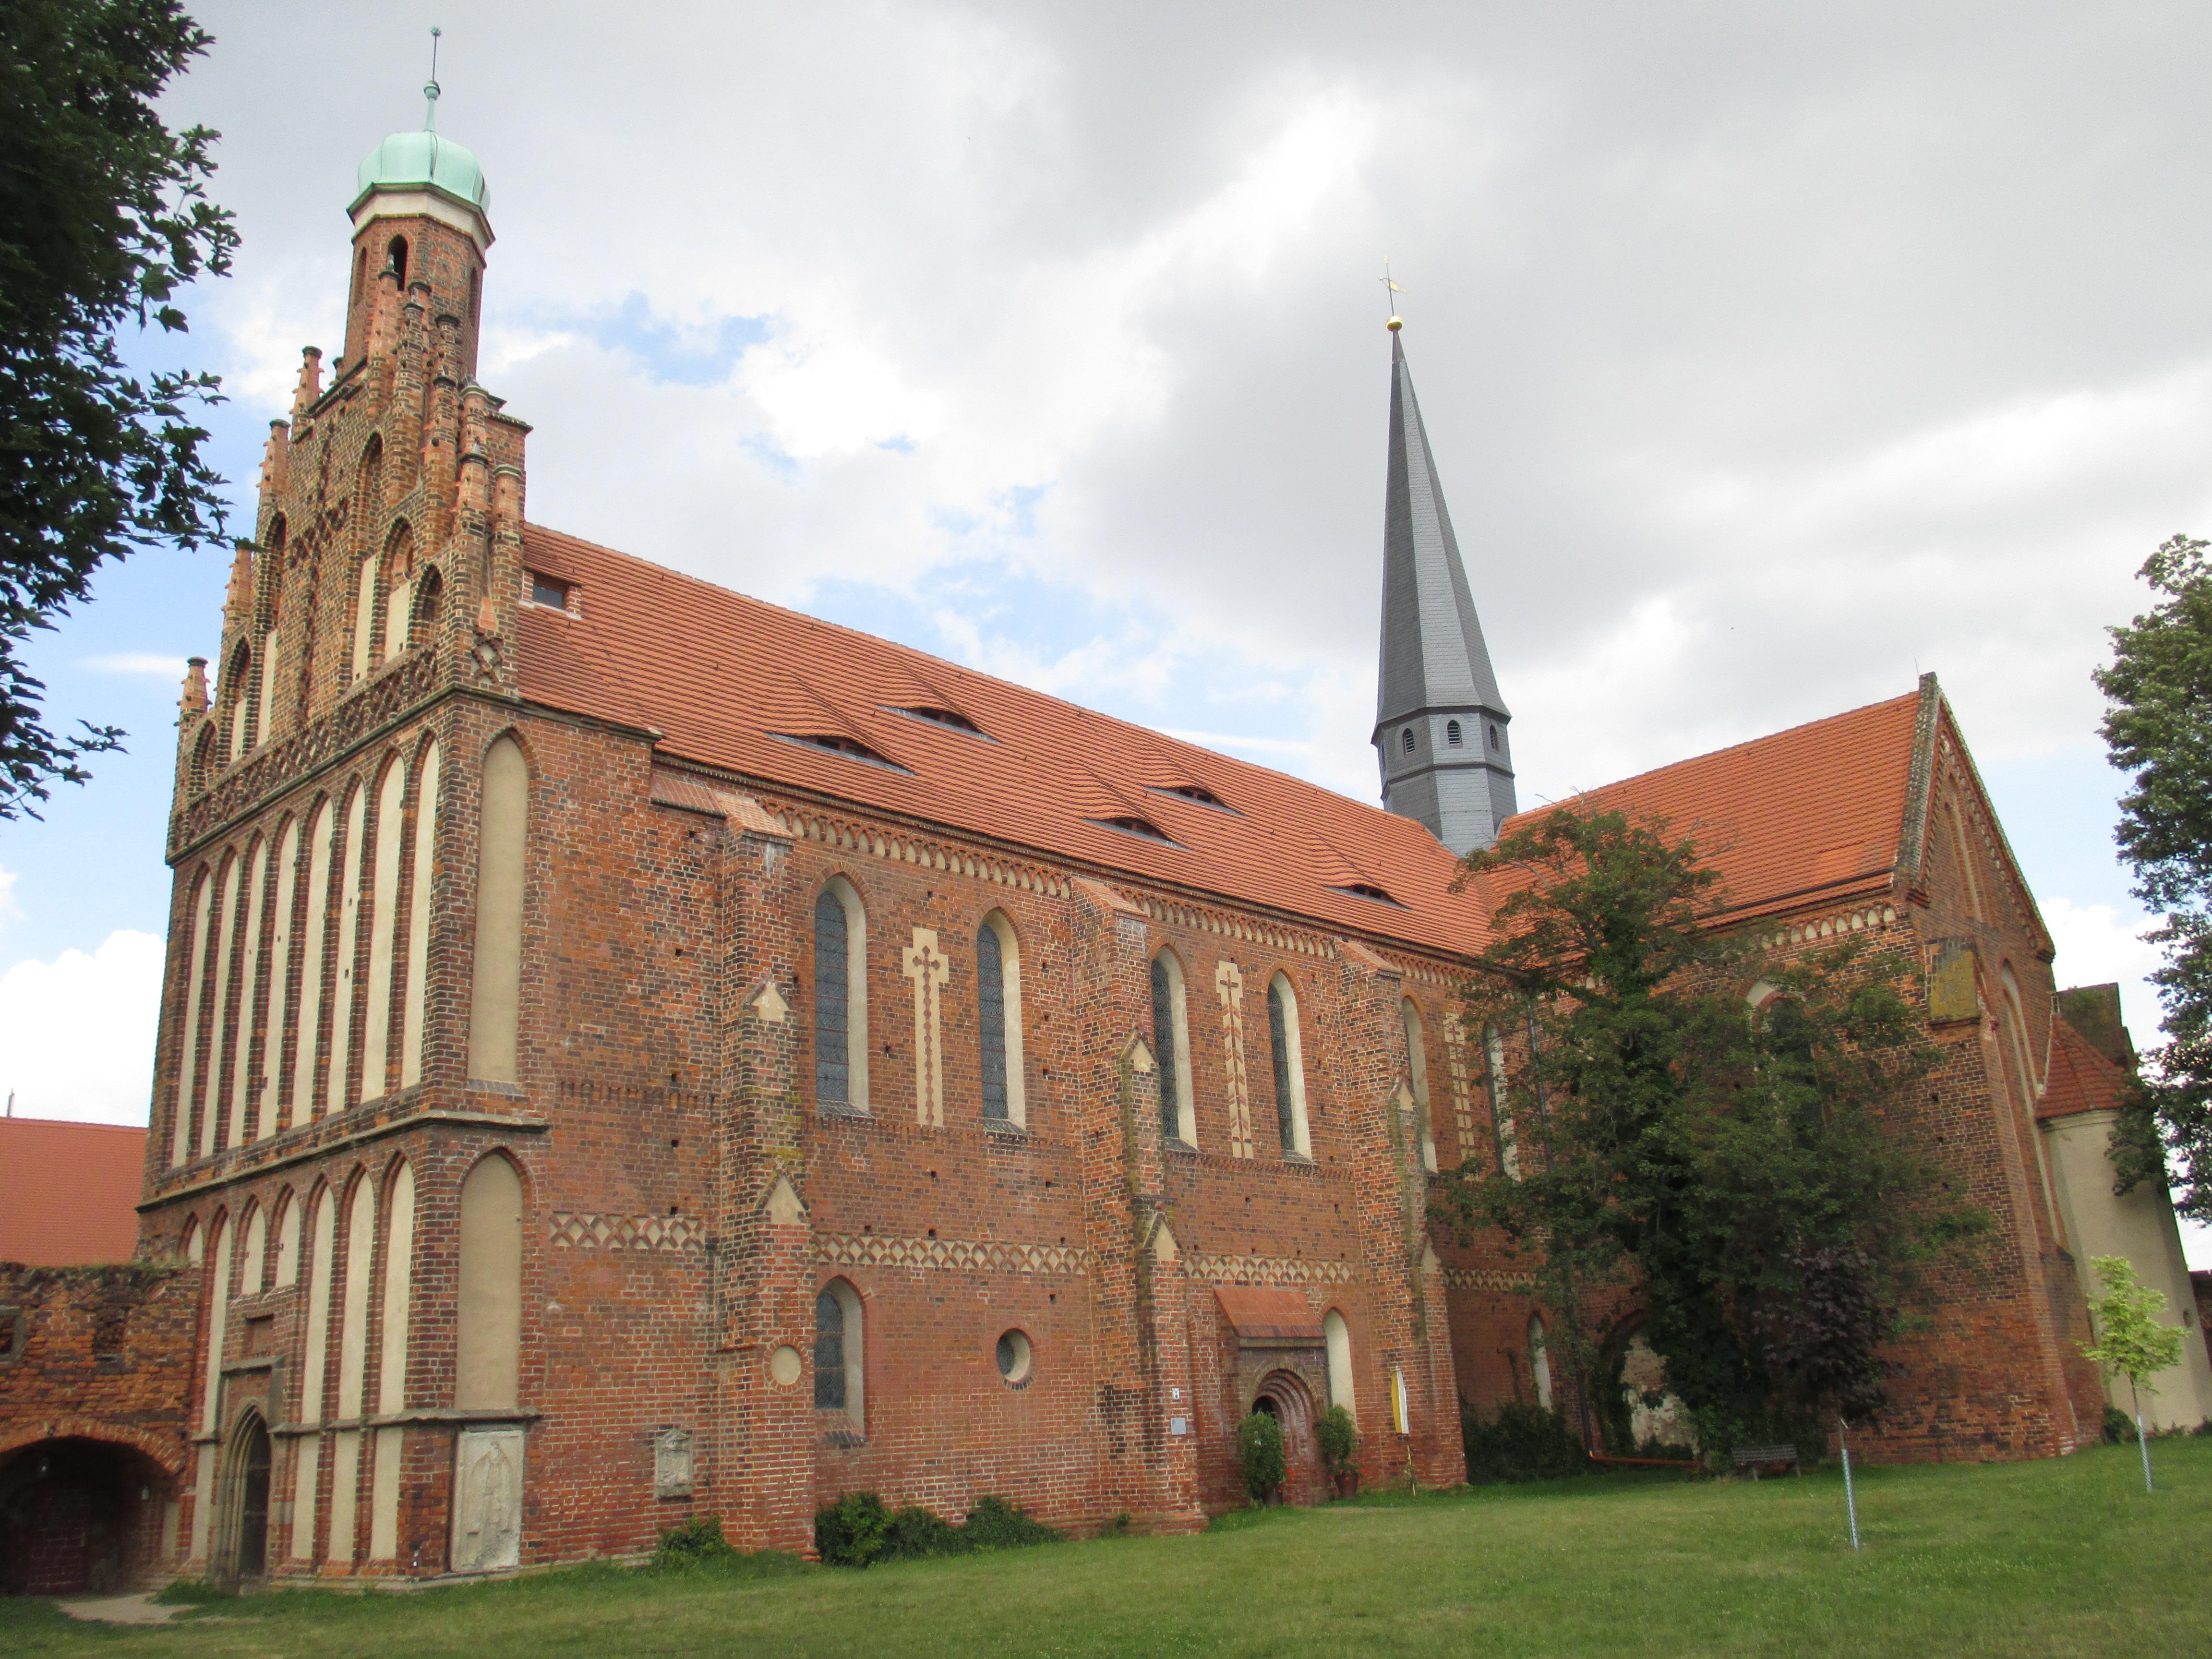 Klosterkirche Marienstern, Muhlberg